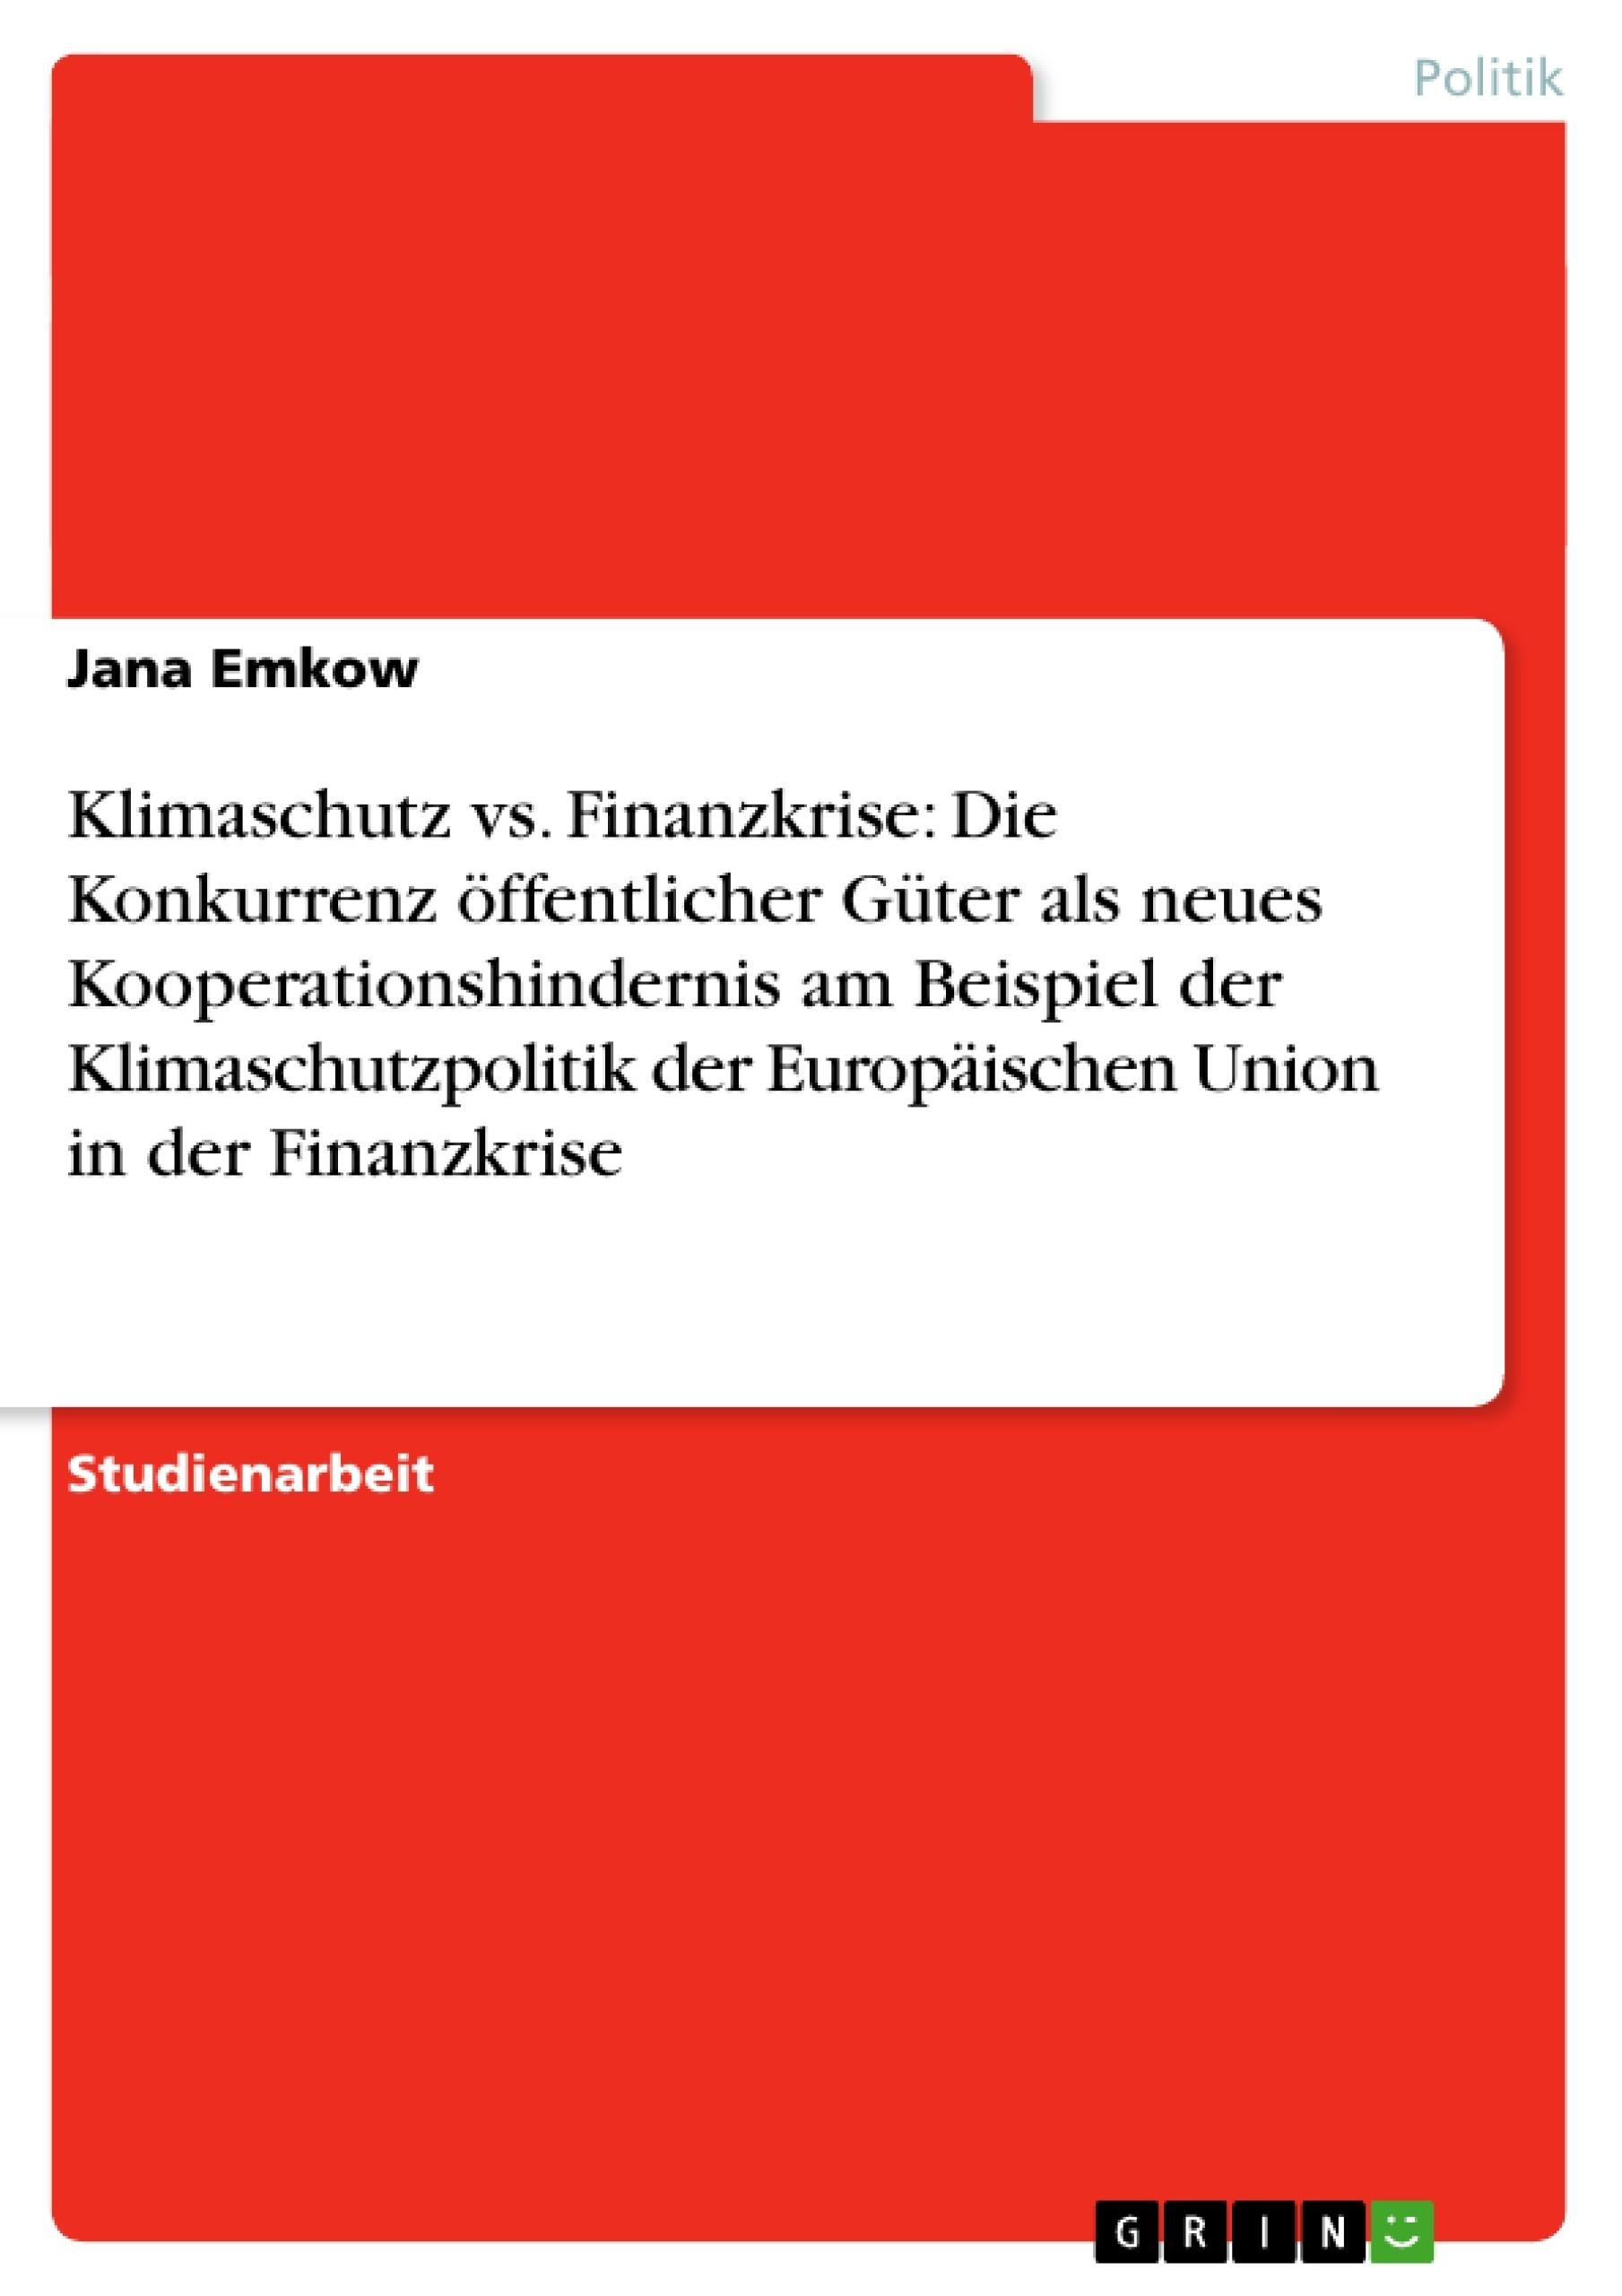 Titel: Klimaschutz vs. Finanzkrise: Die Konkurrenz öffentlicher Güter als neues Kooperationshindernis am Beispiel der Klimaschutzpolitik der Europäischen Union in der Finanzkrise